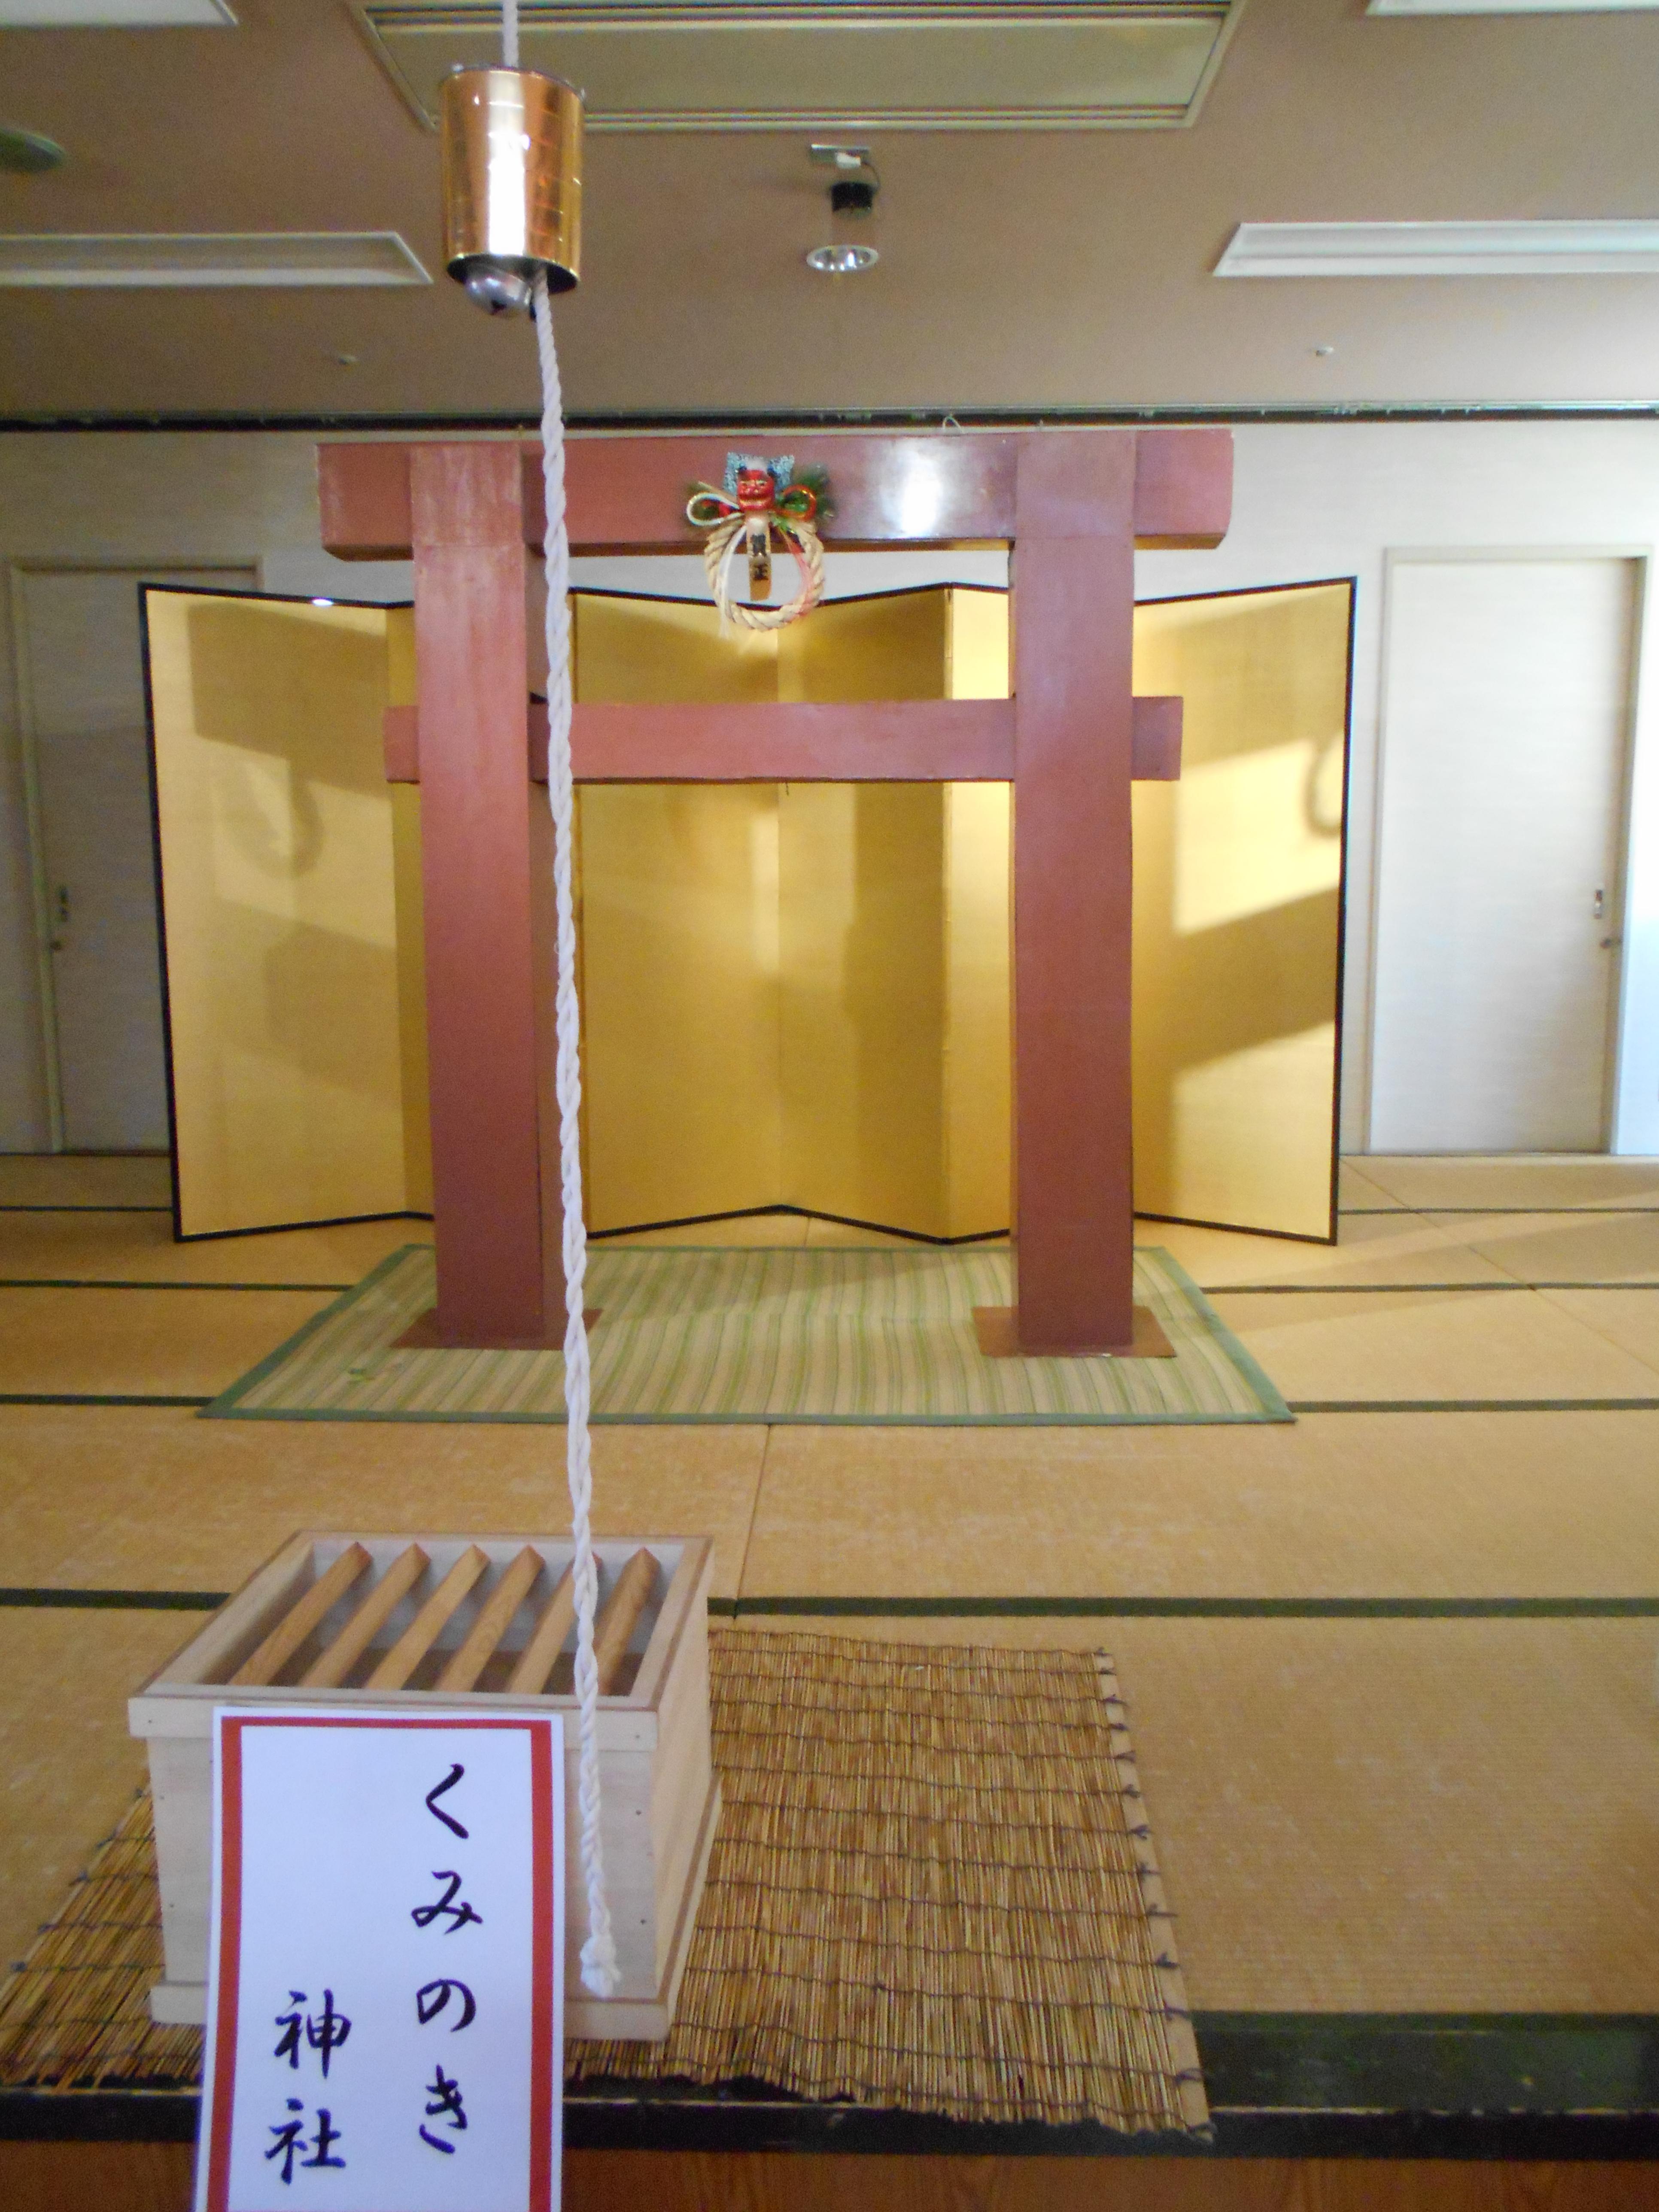 ☆ くみのき神社(令和2年1月7日)☆